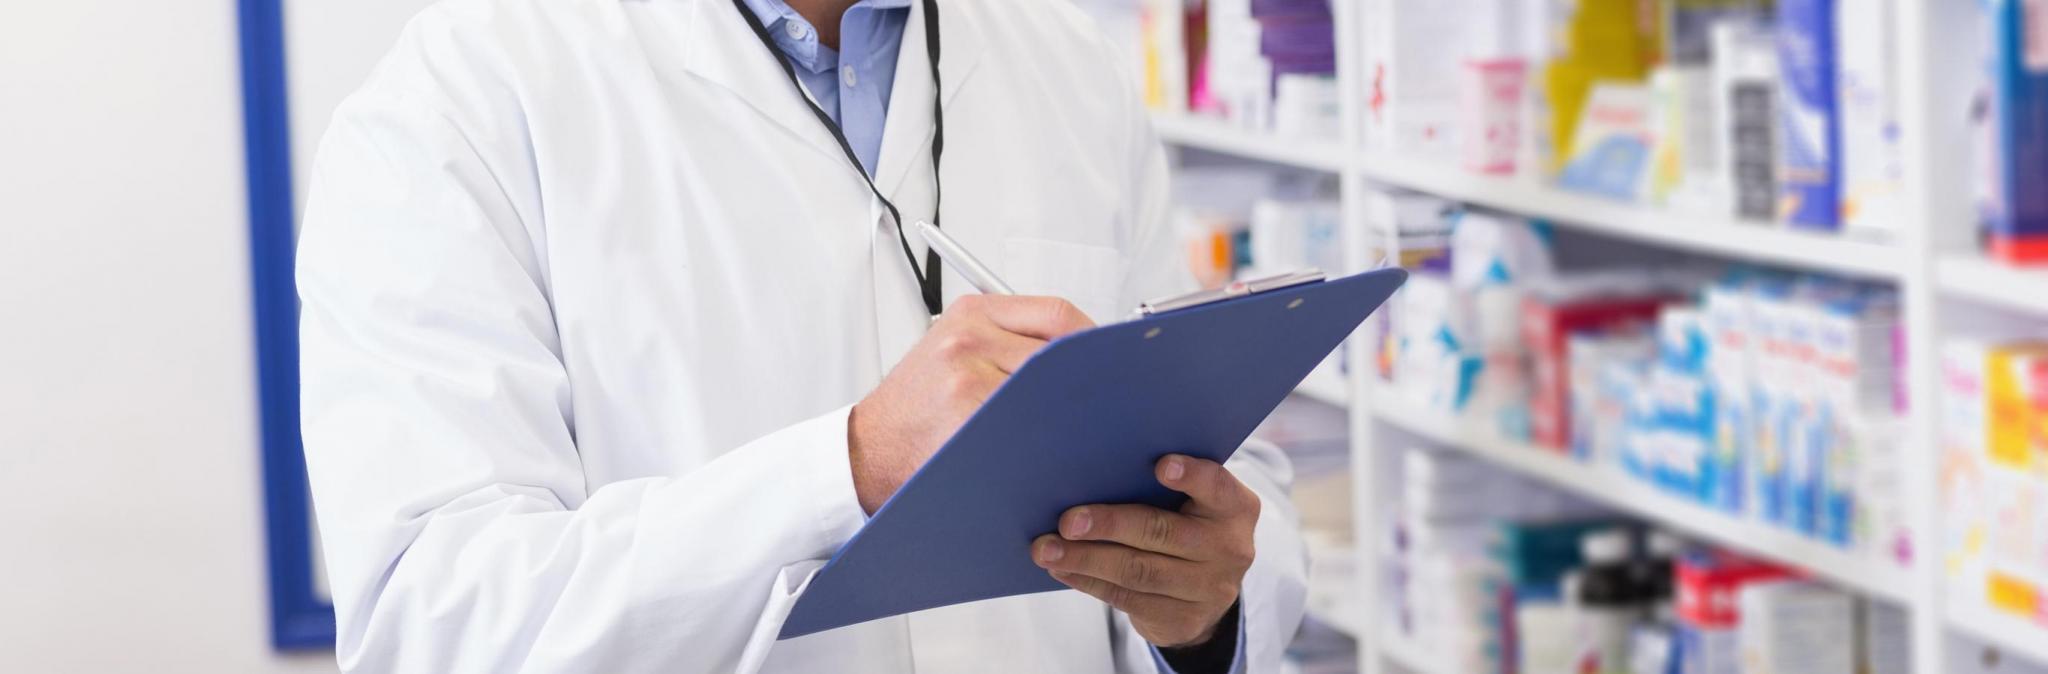 Какие нужны документы для лицензирования аптеки?